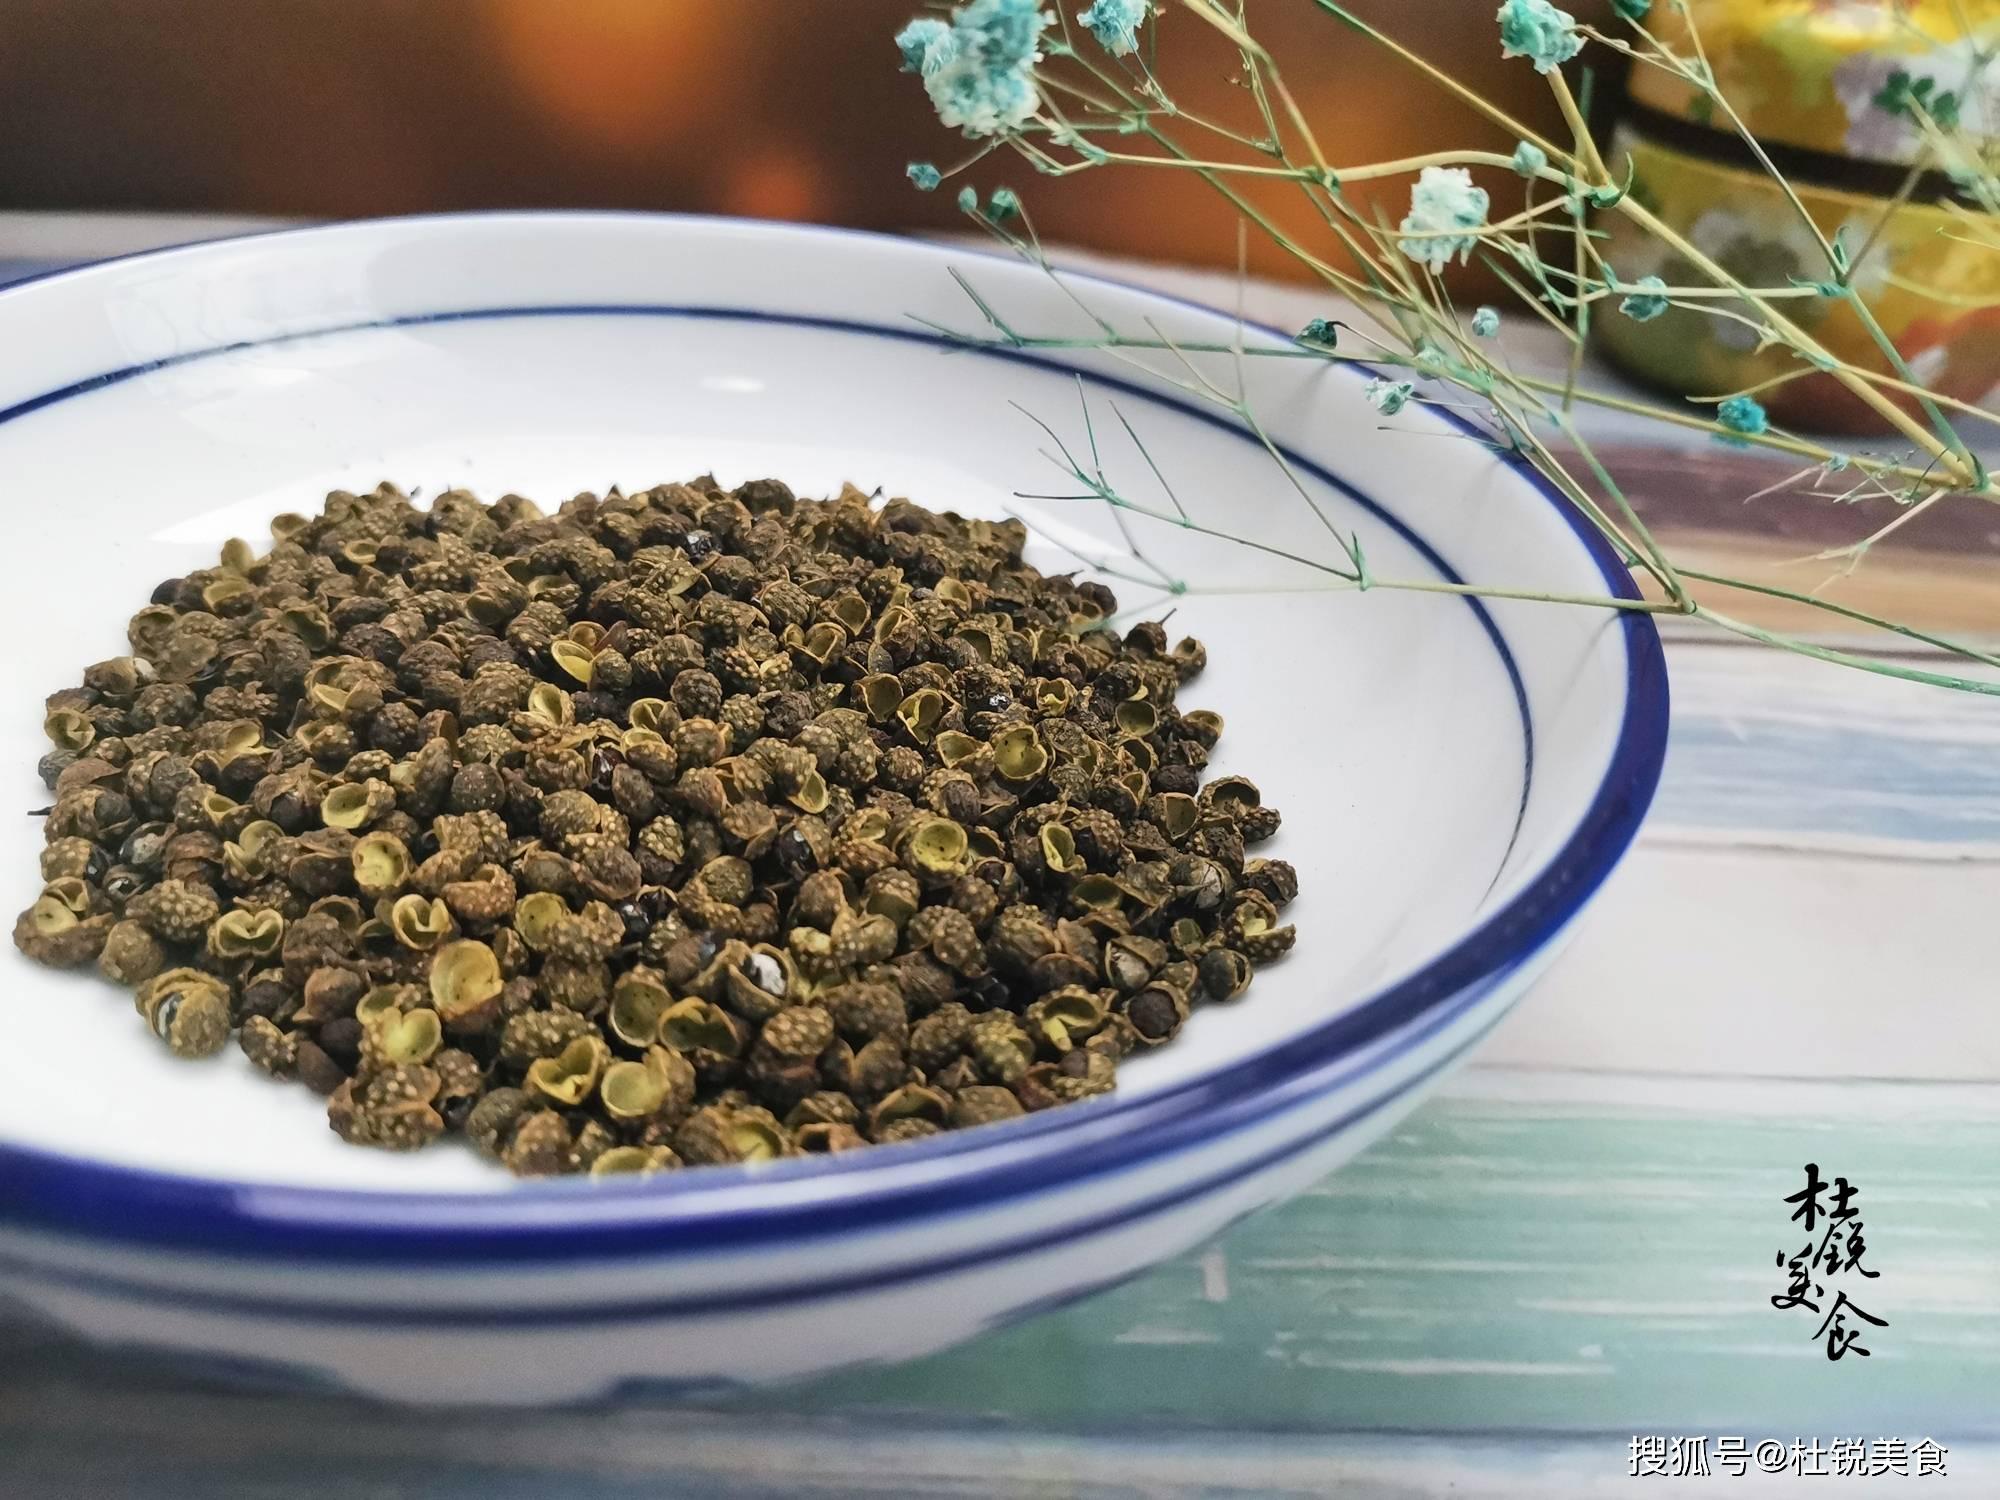 麻椒和花椒的区别图片 麻椒花椒对比图片